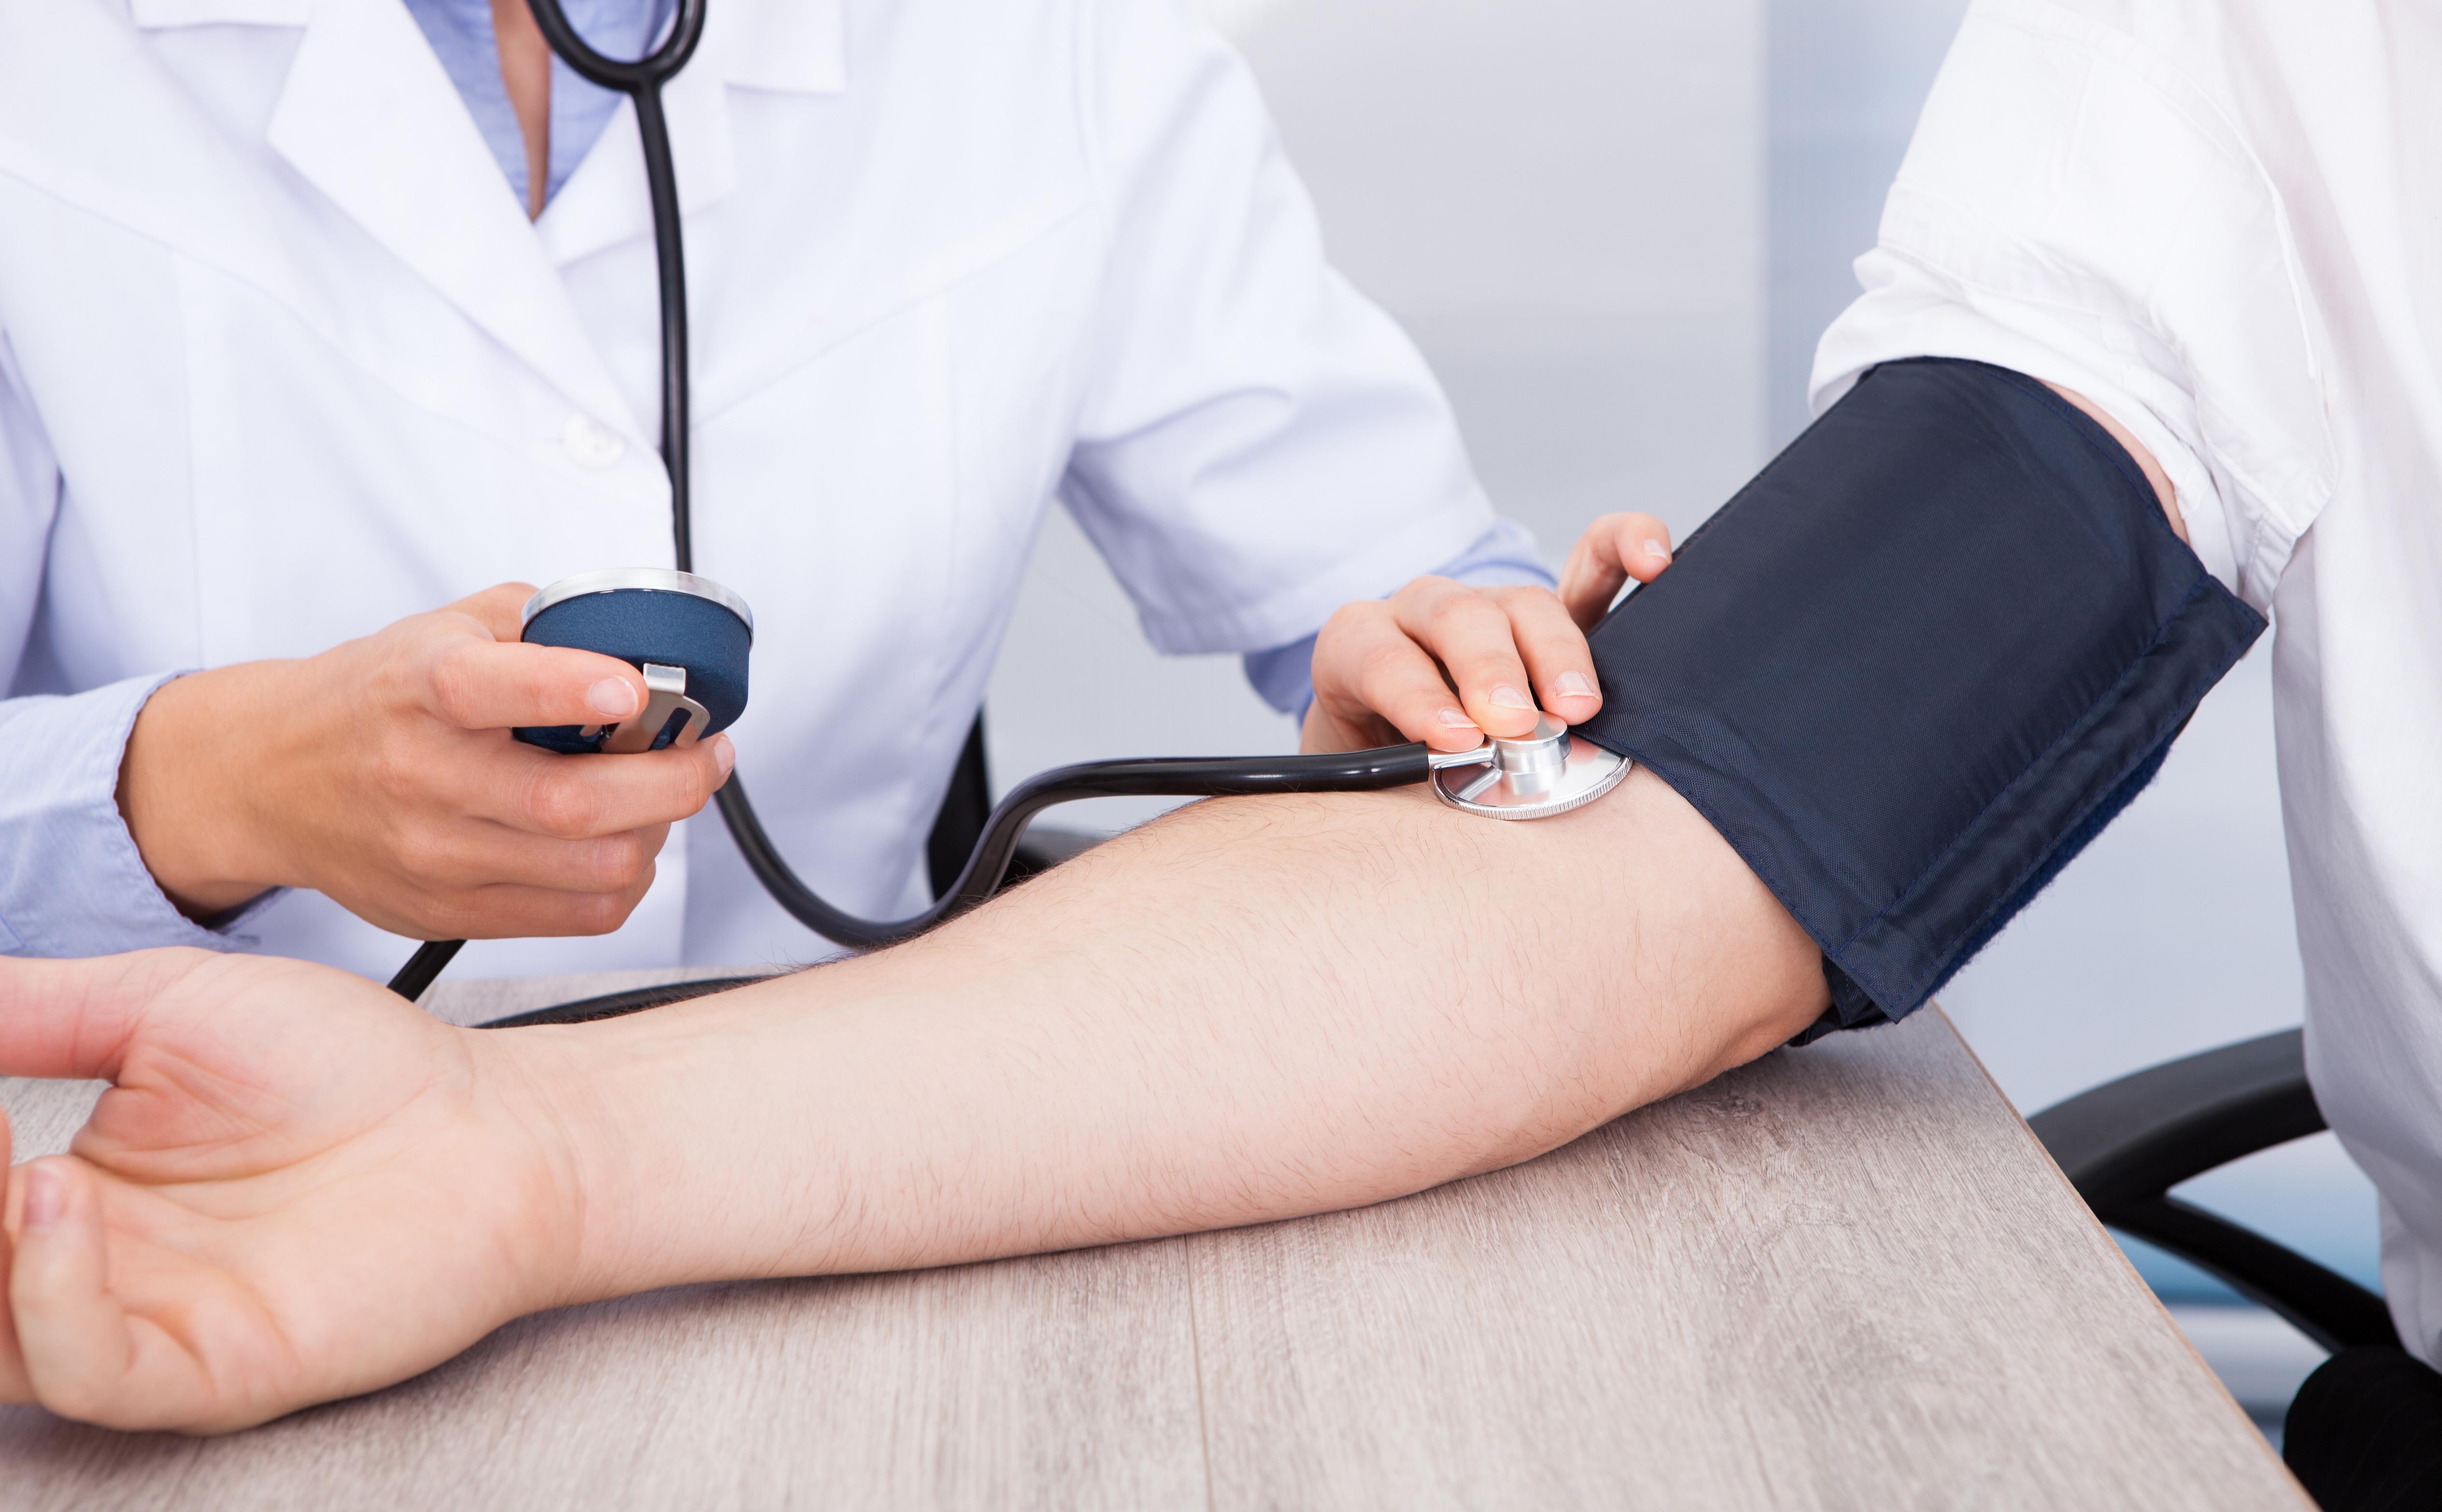 éjszaka köhögés, magas vérnyomás kompressziós harisnya és magas vérnyomás esetén